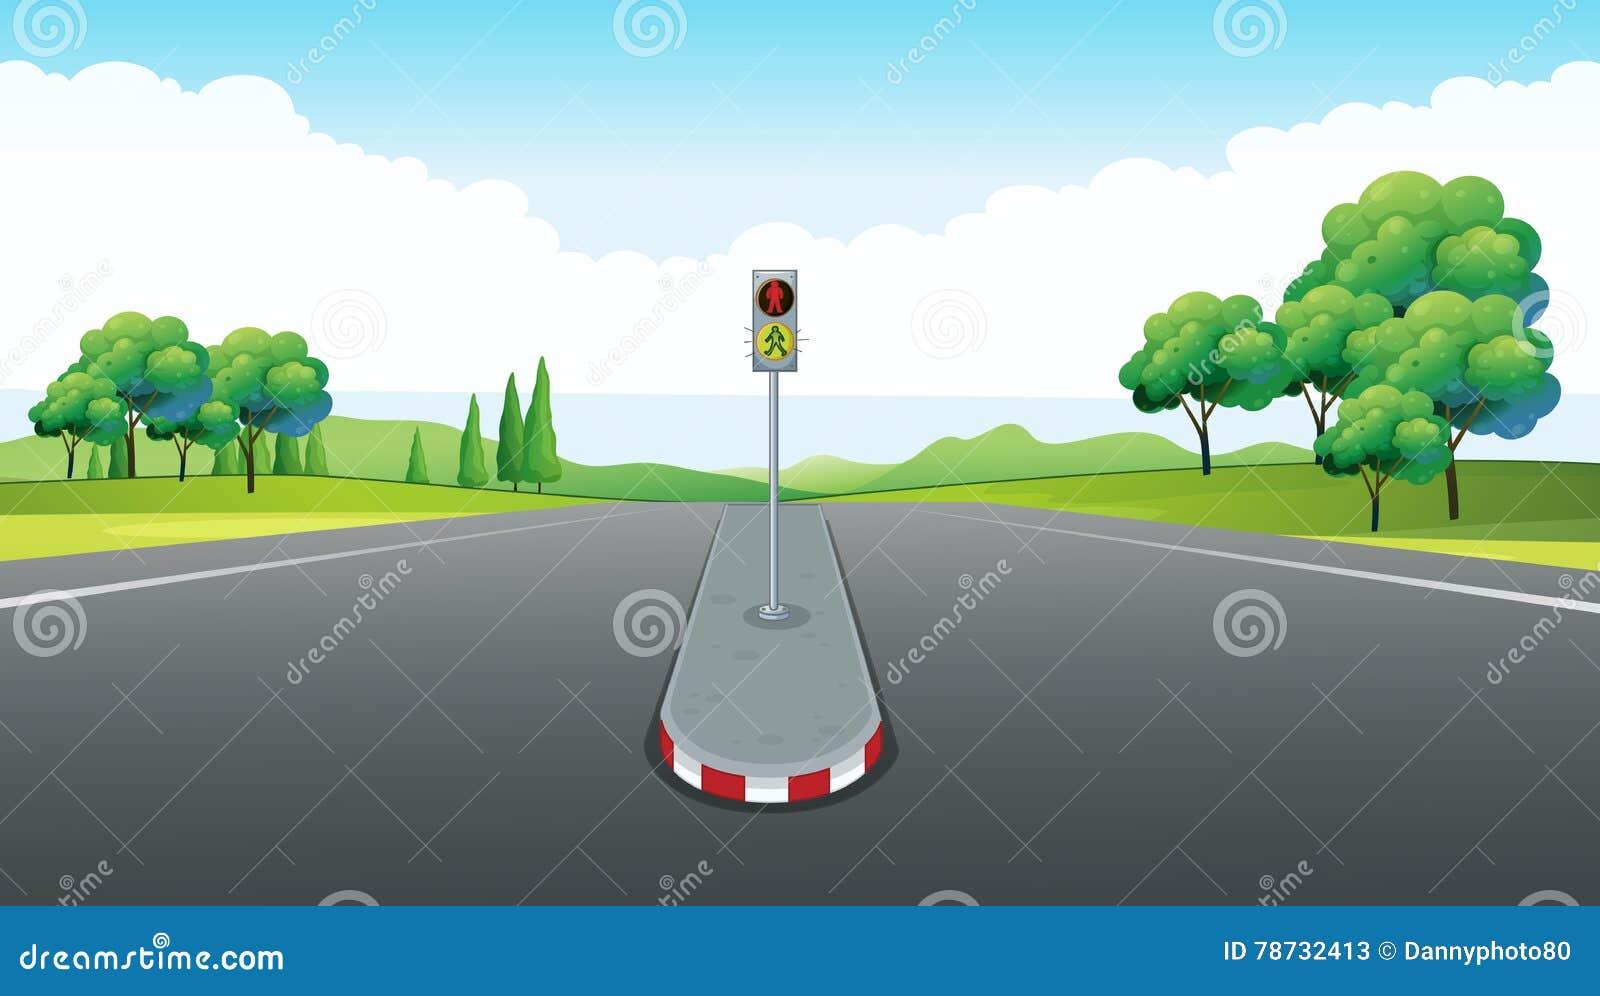 Plats med den tom vägen och trafikljus